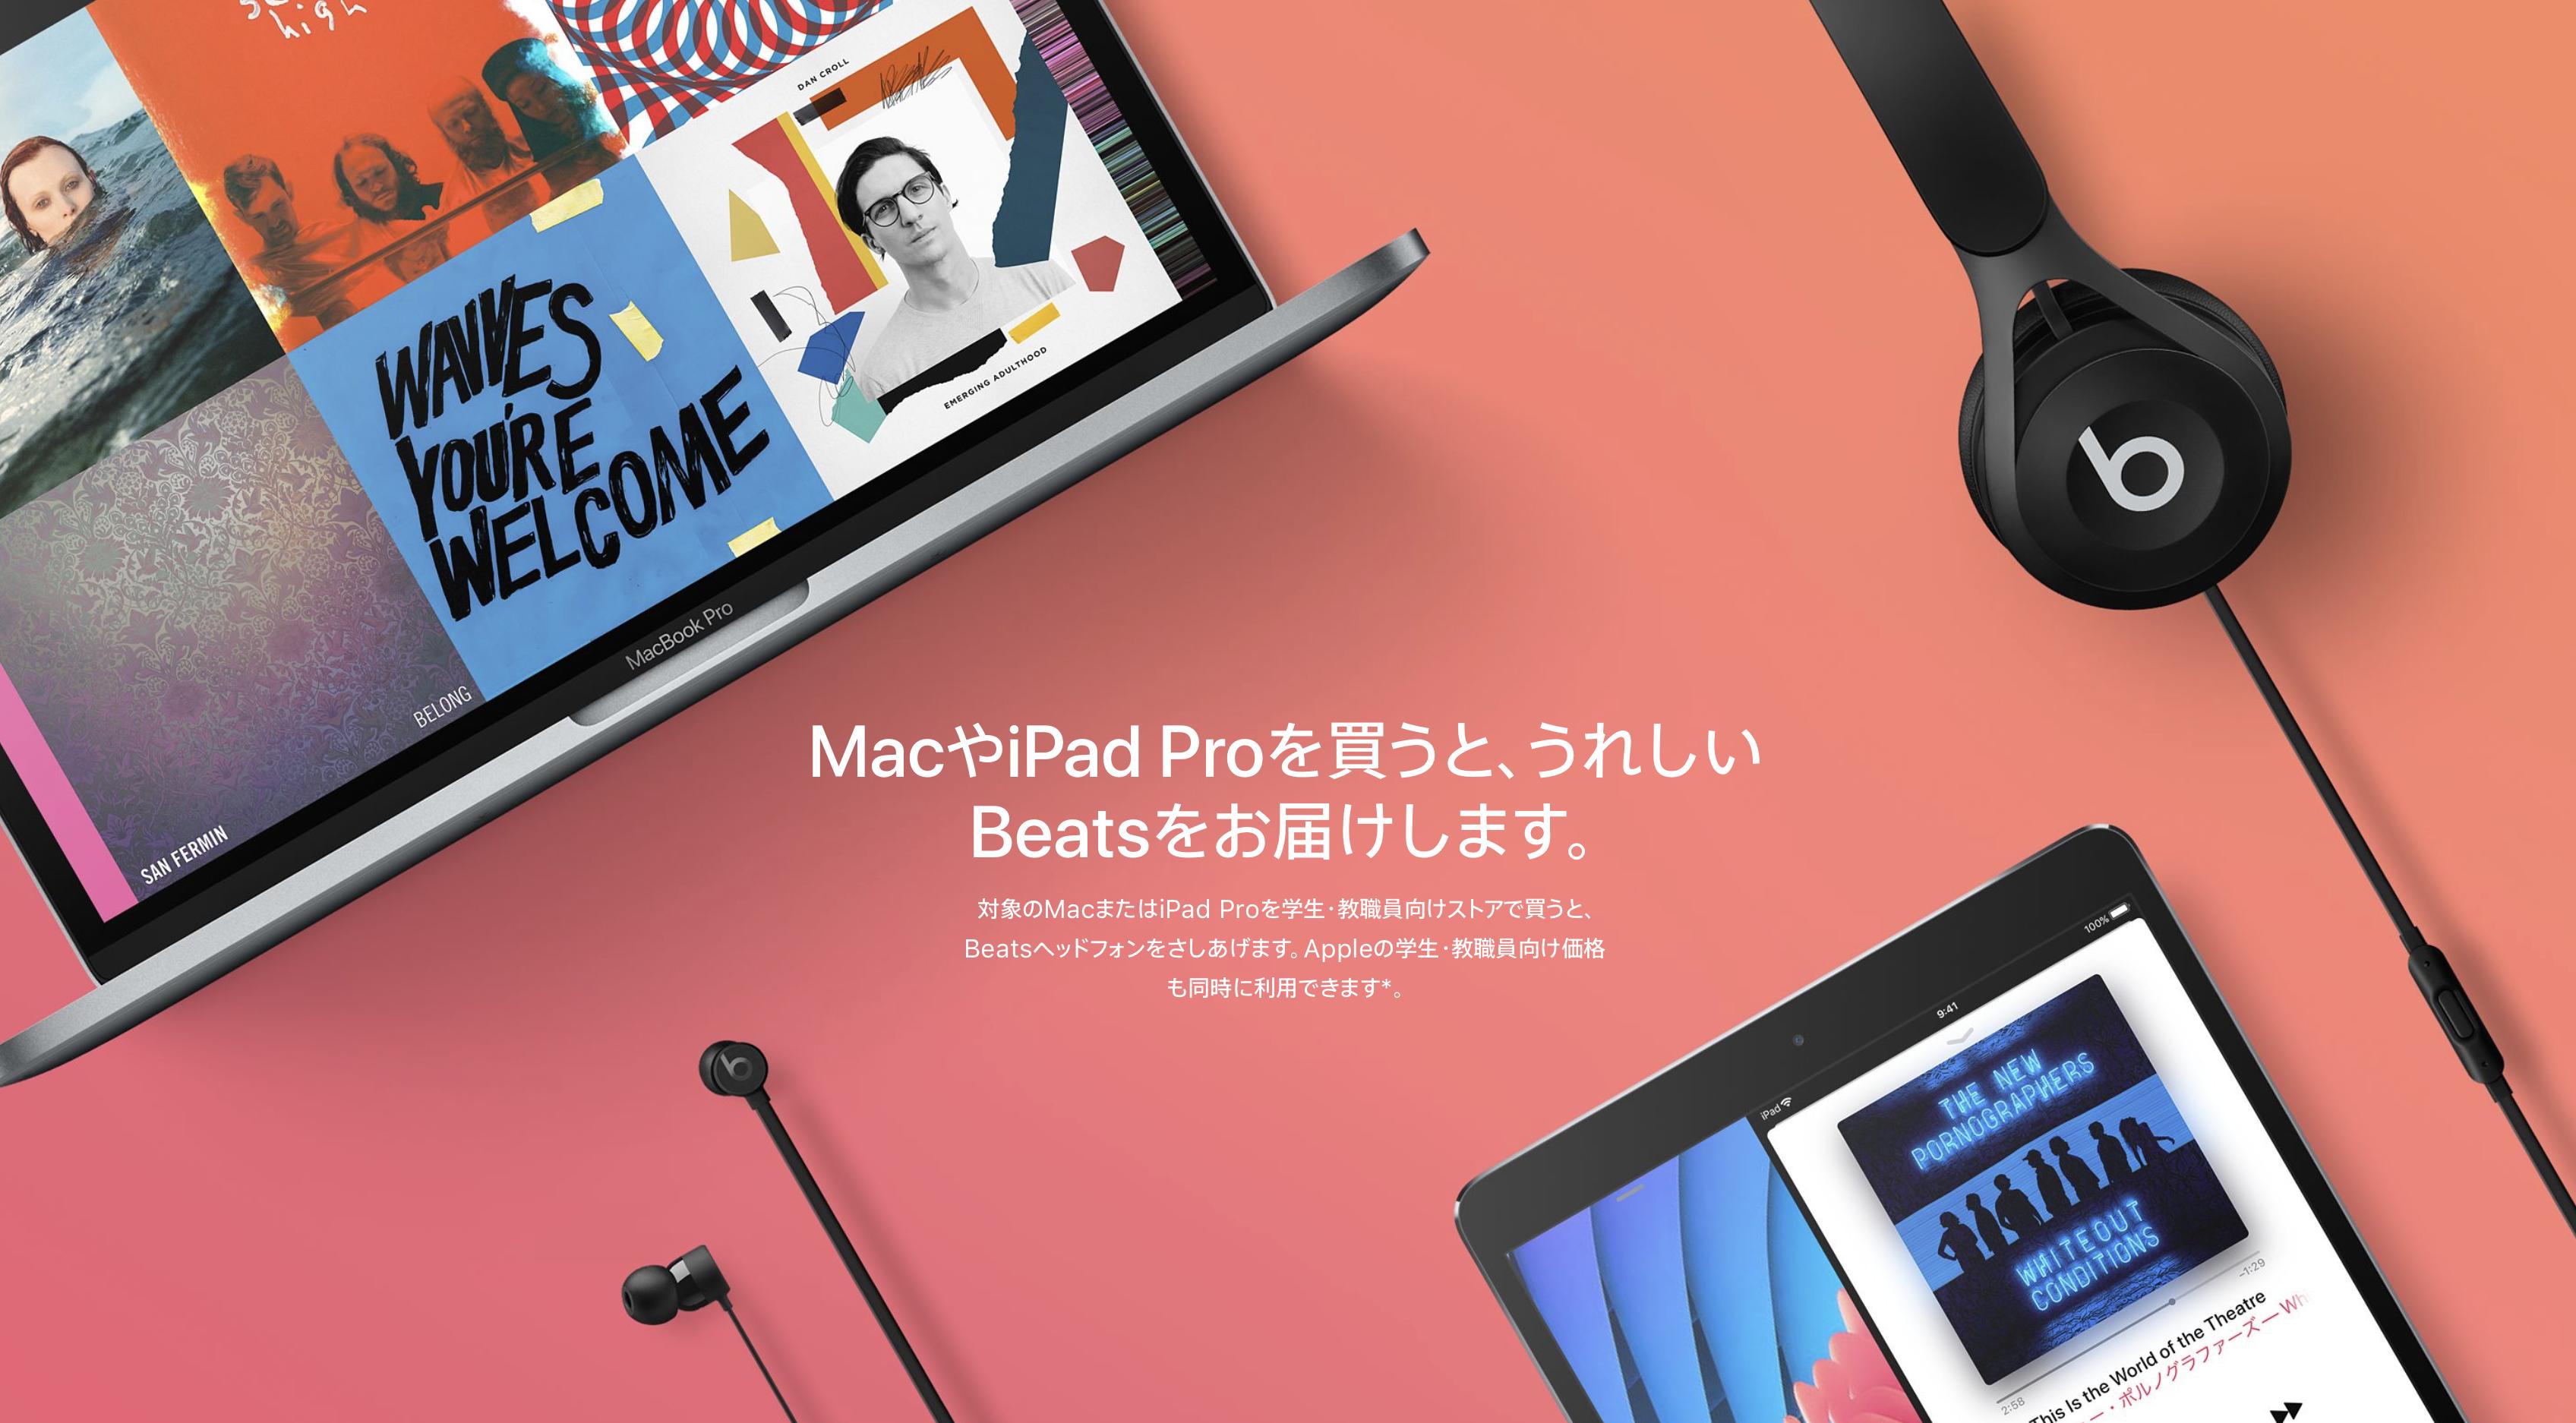 Apple Japan、学生・教職員はMacやiPad Proを買うとBeatsヘッドフォンが貰える「新学期を始めよう」キャンペーン